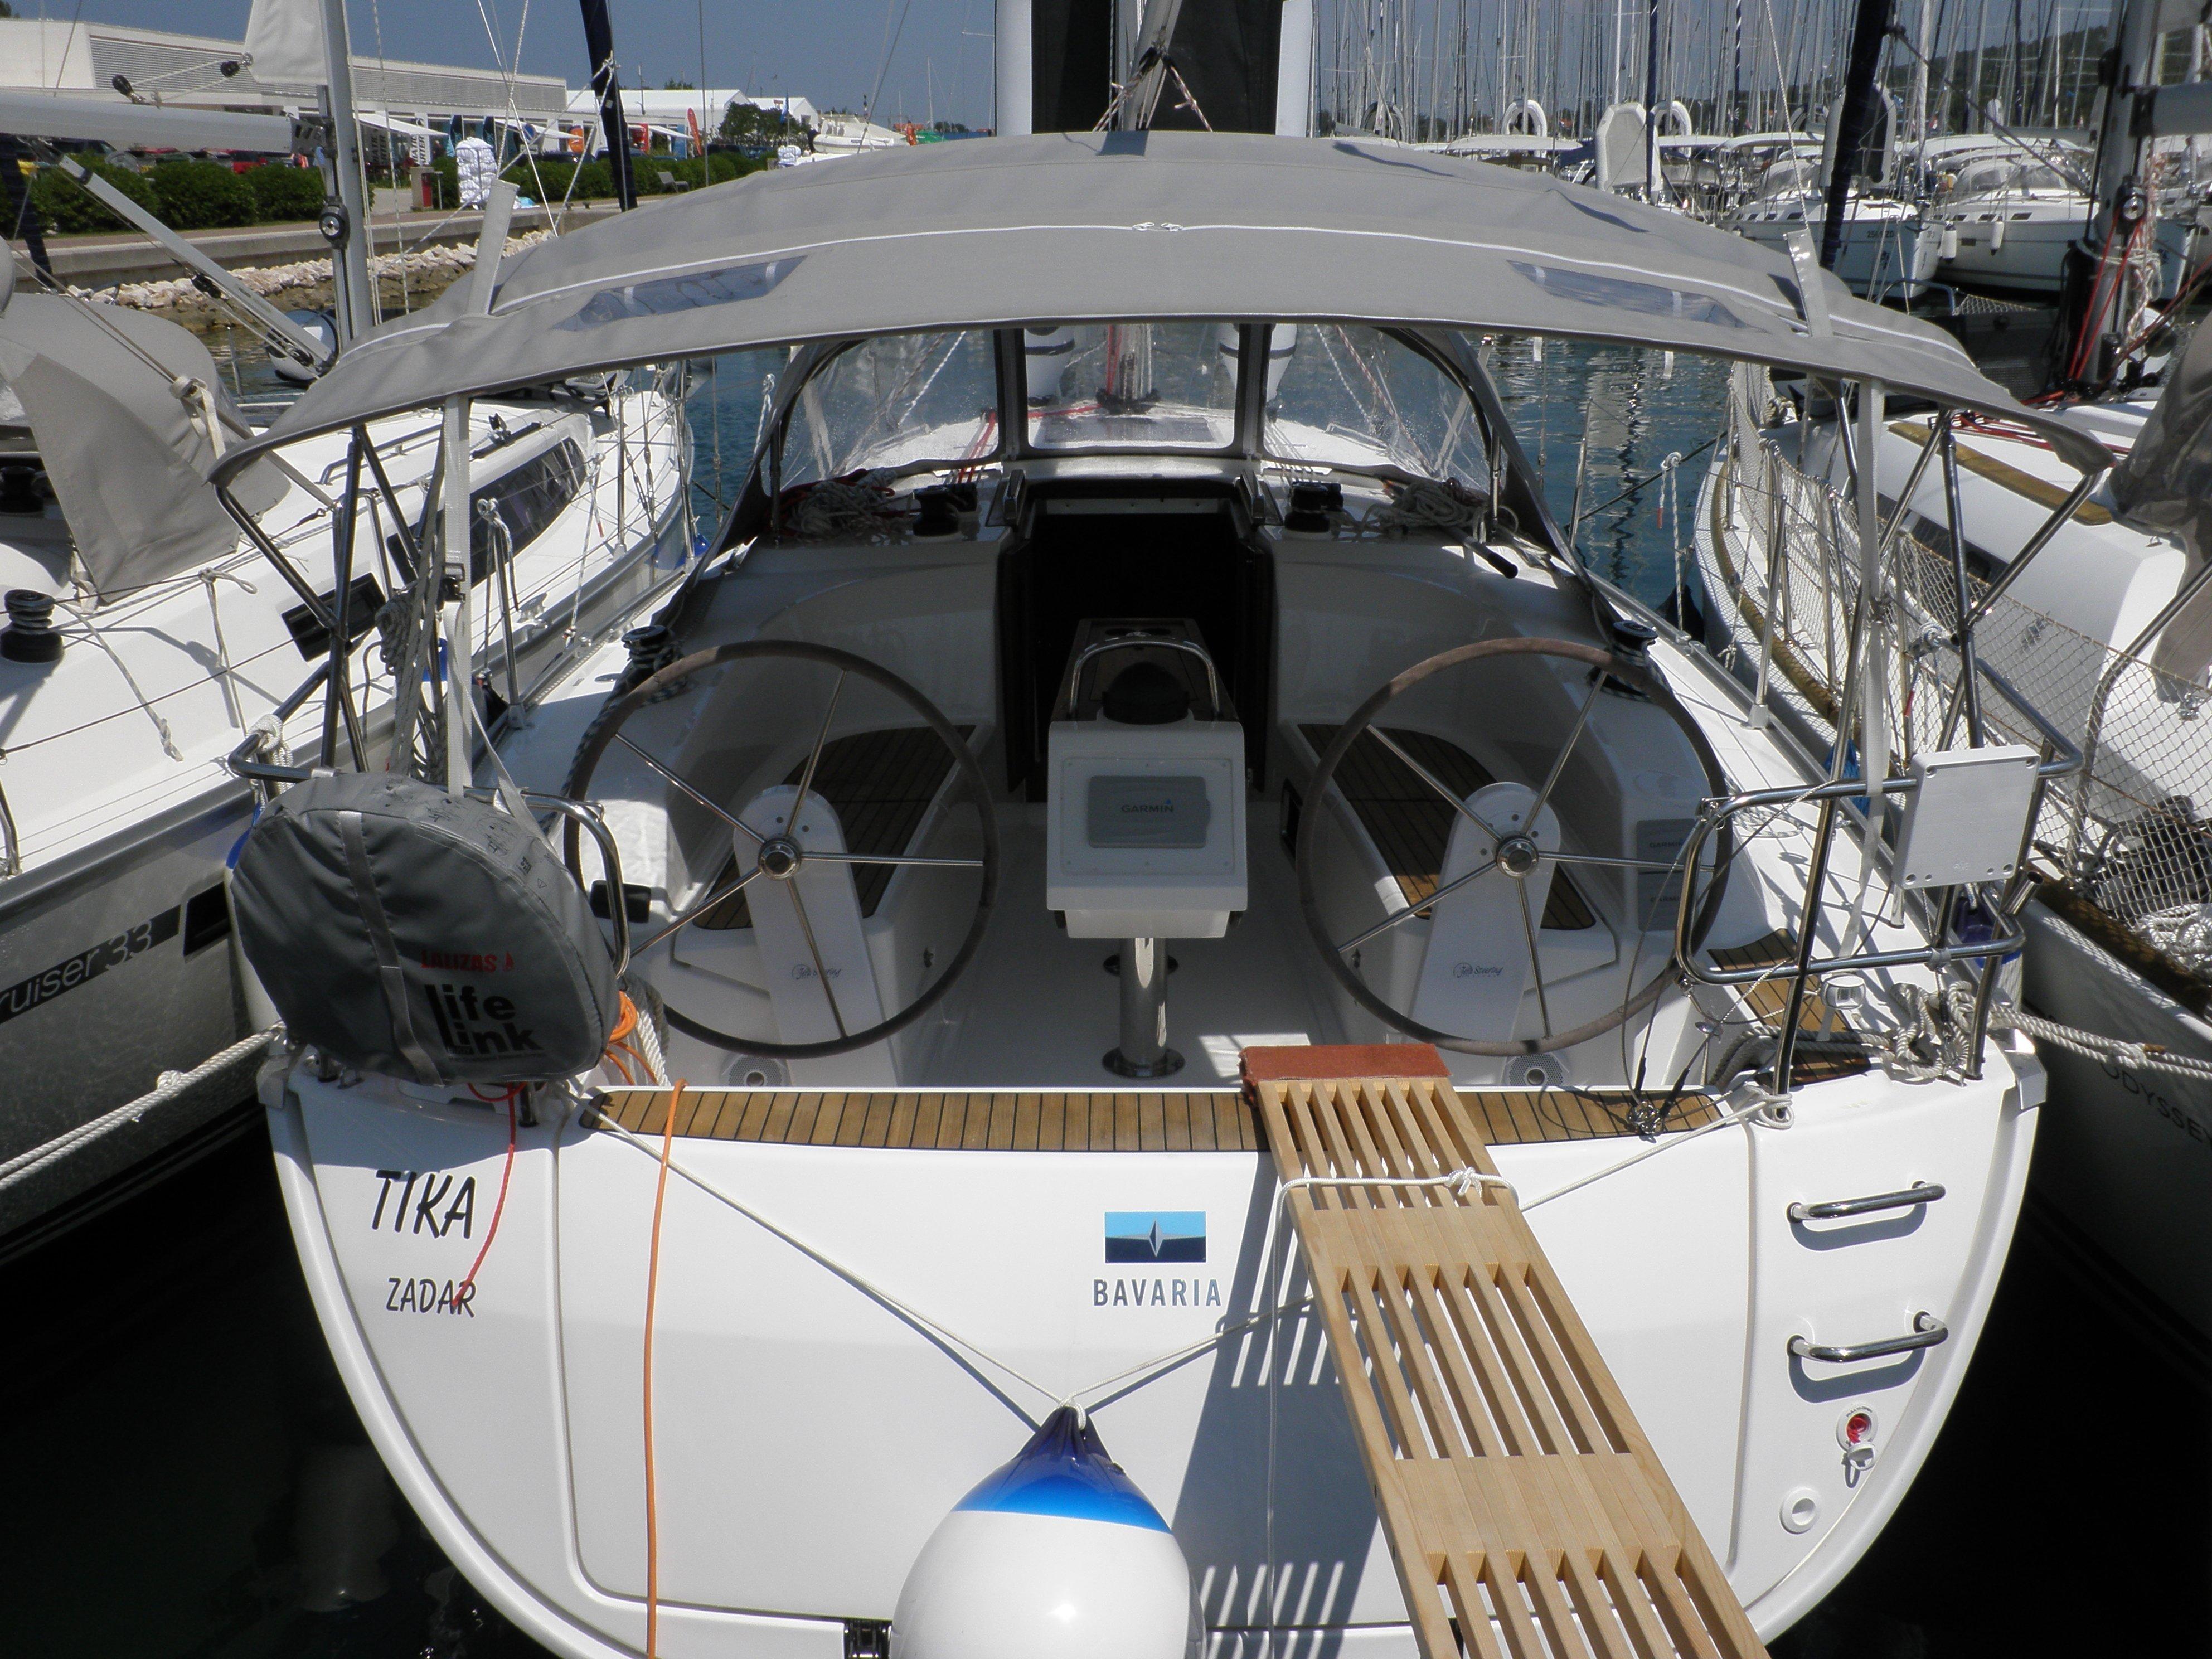 Bavaria Cruiser 34 (TIKA) Main image - 0